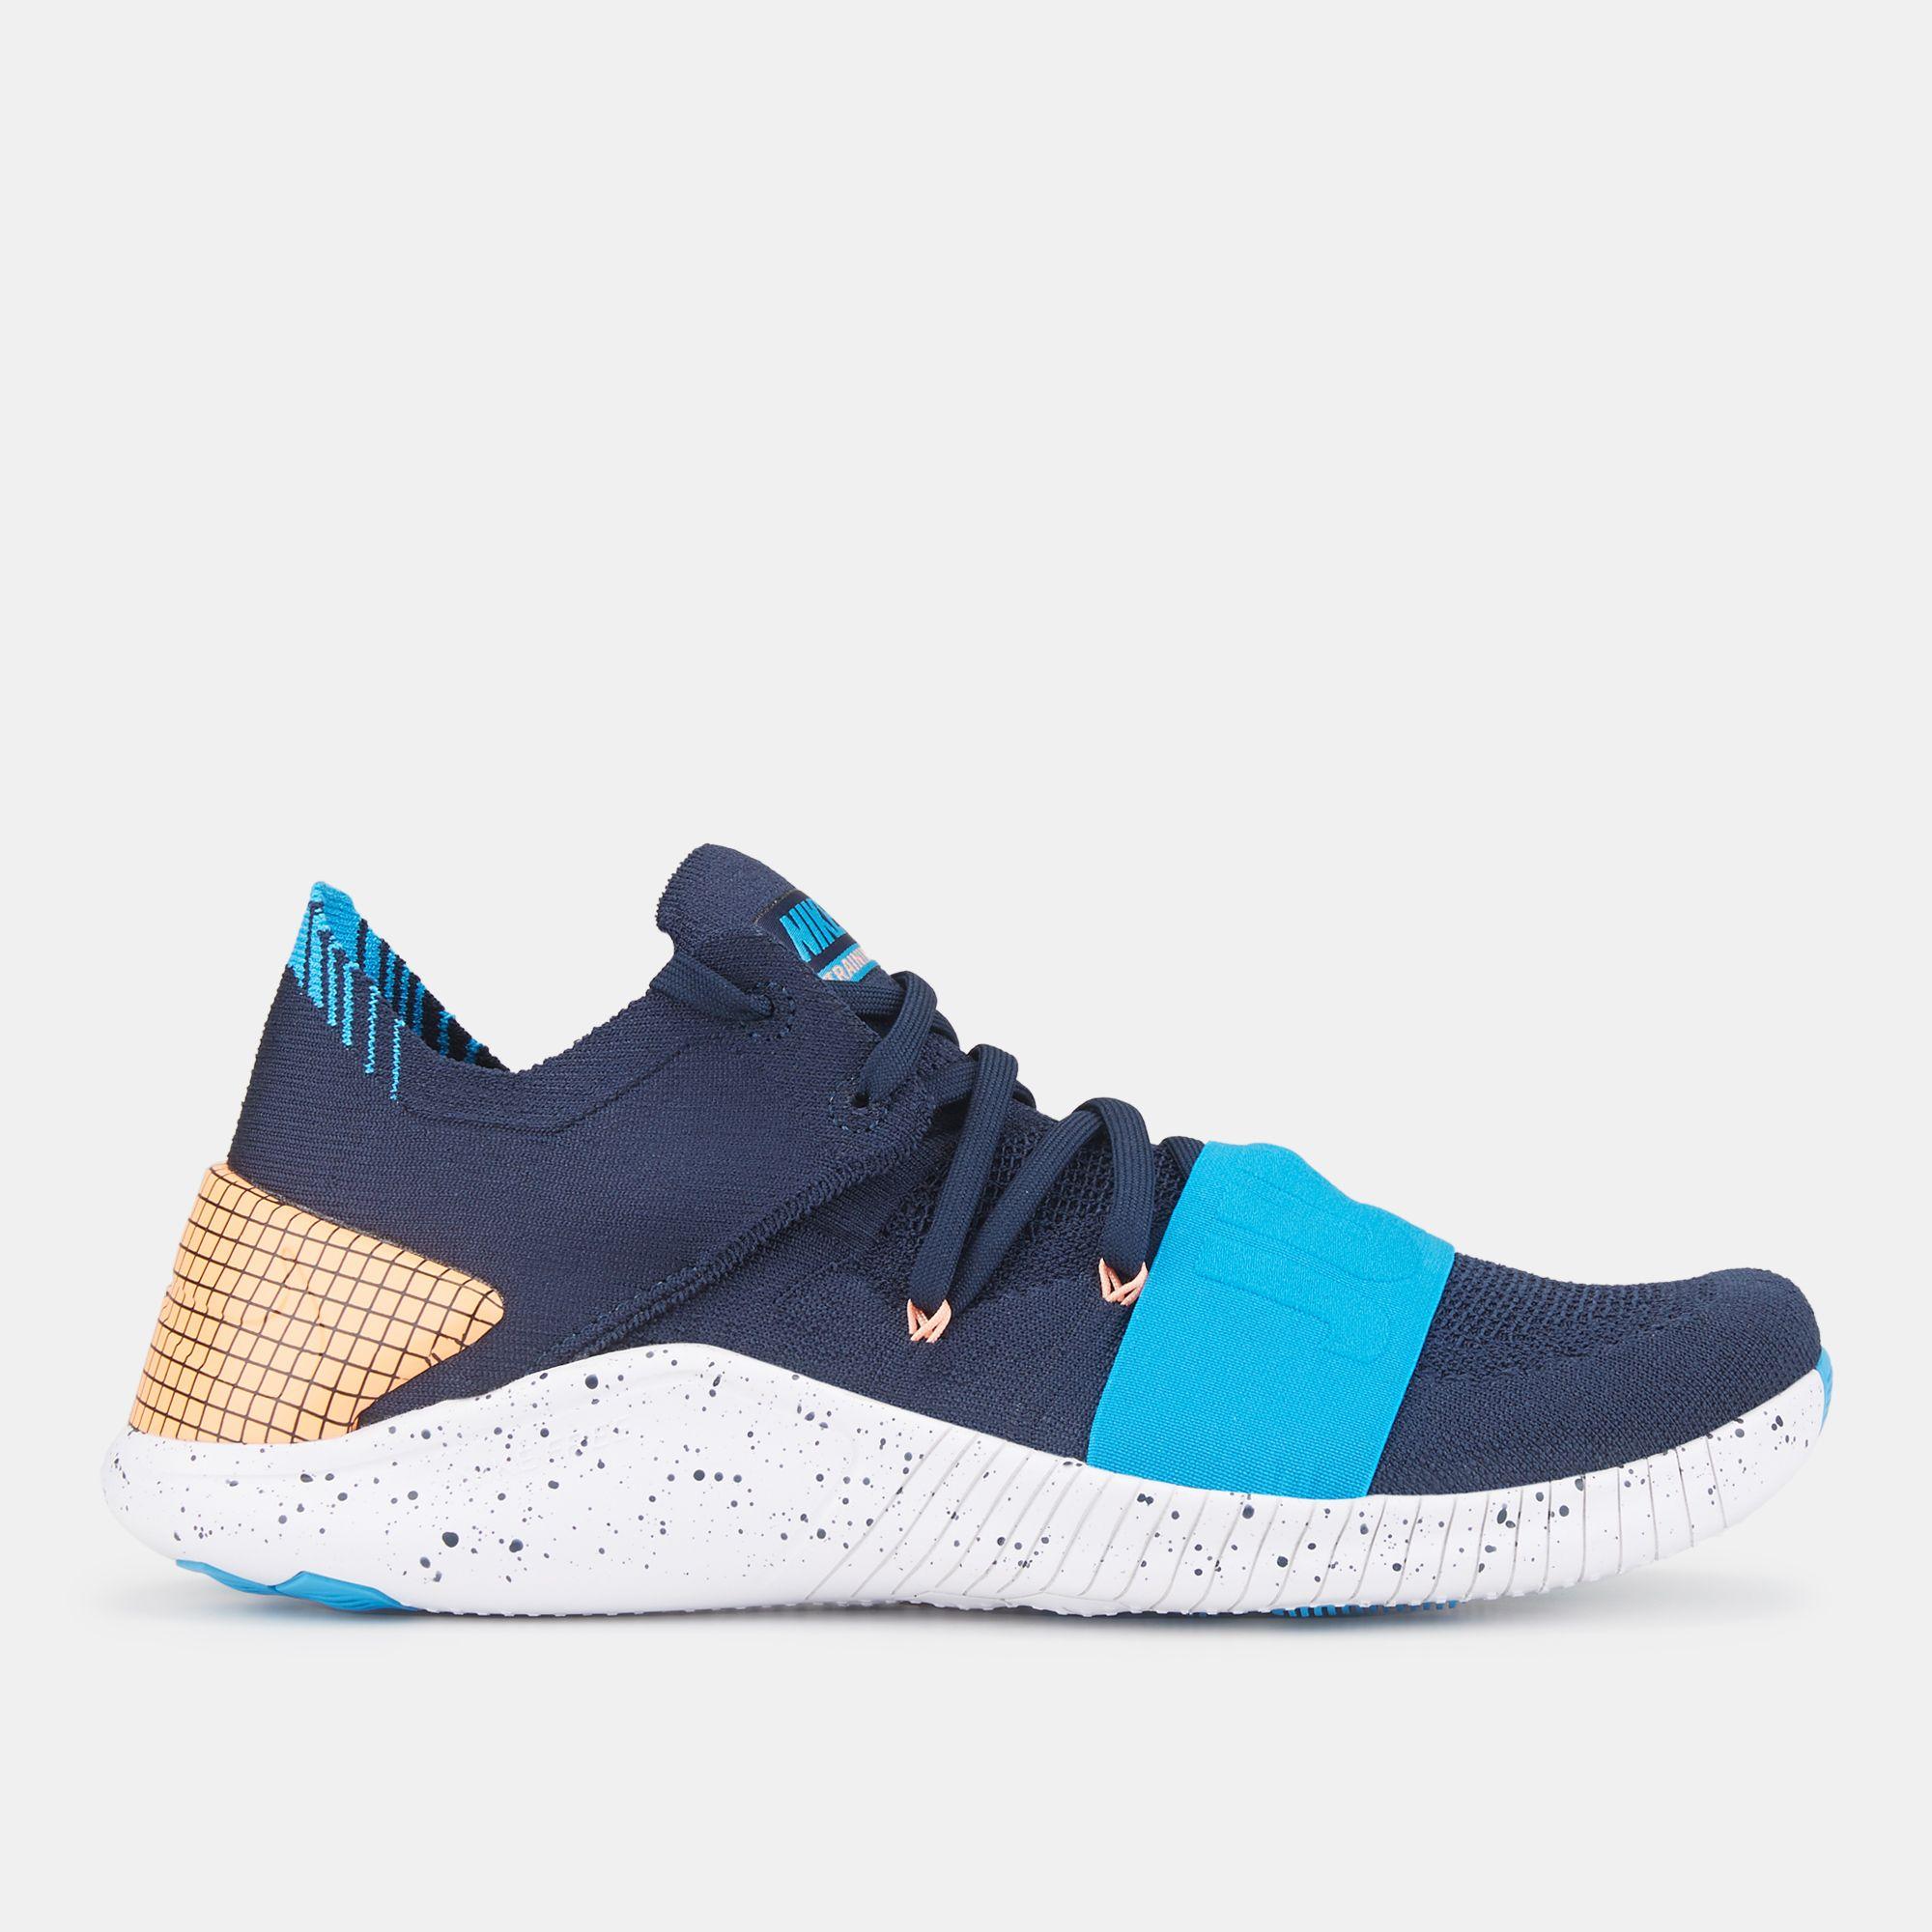 b23254d1d2b4 Nike Free TR Flyknit 3 NEO Shoe